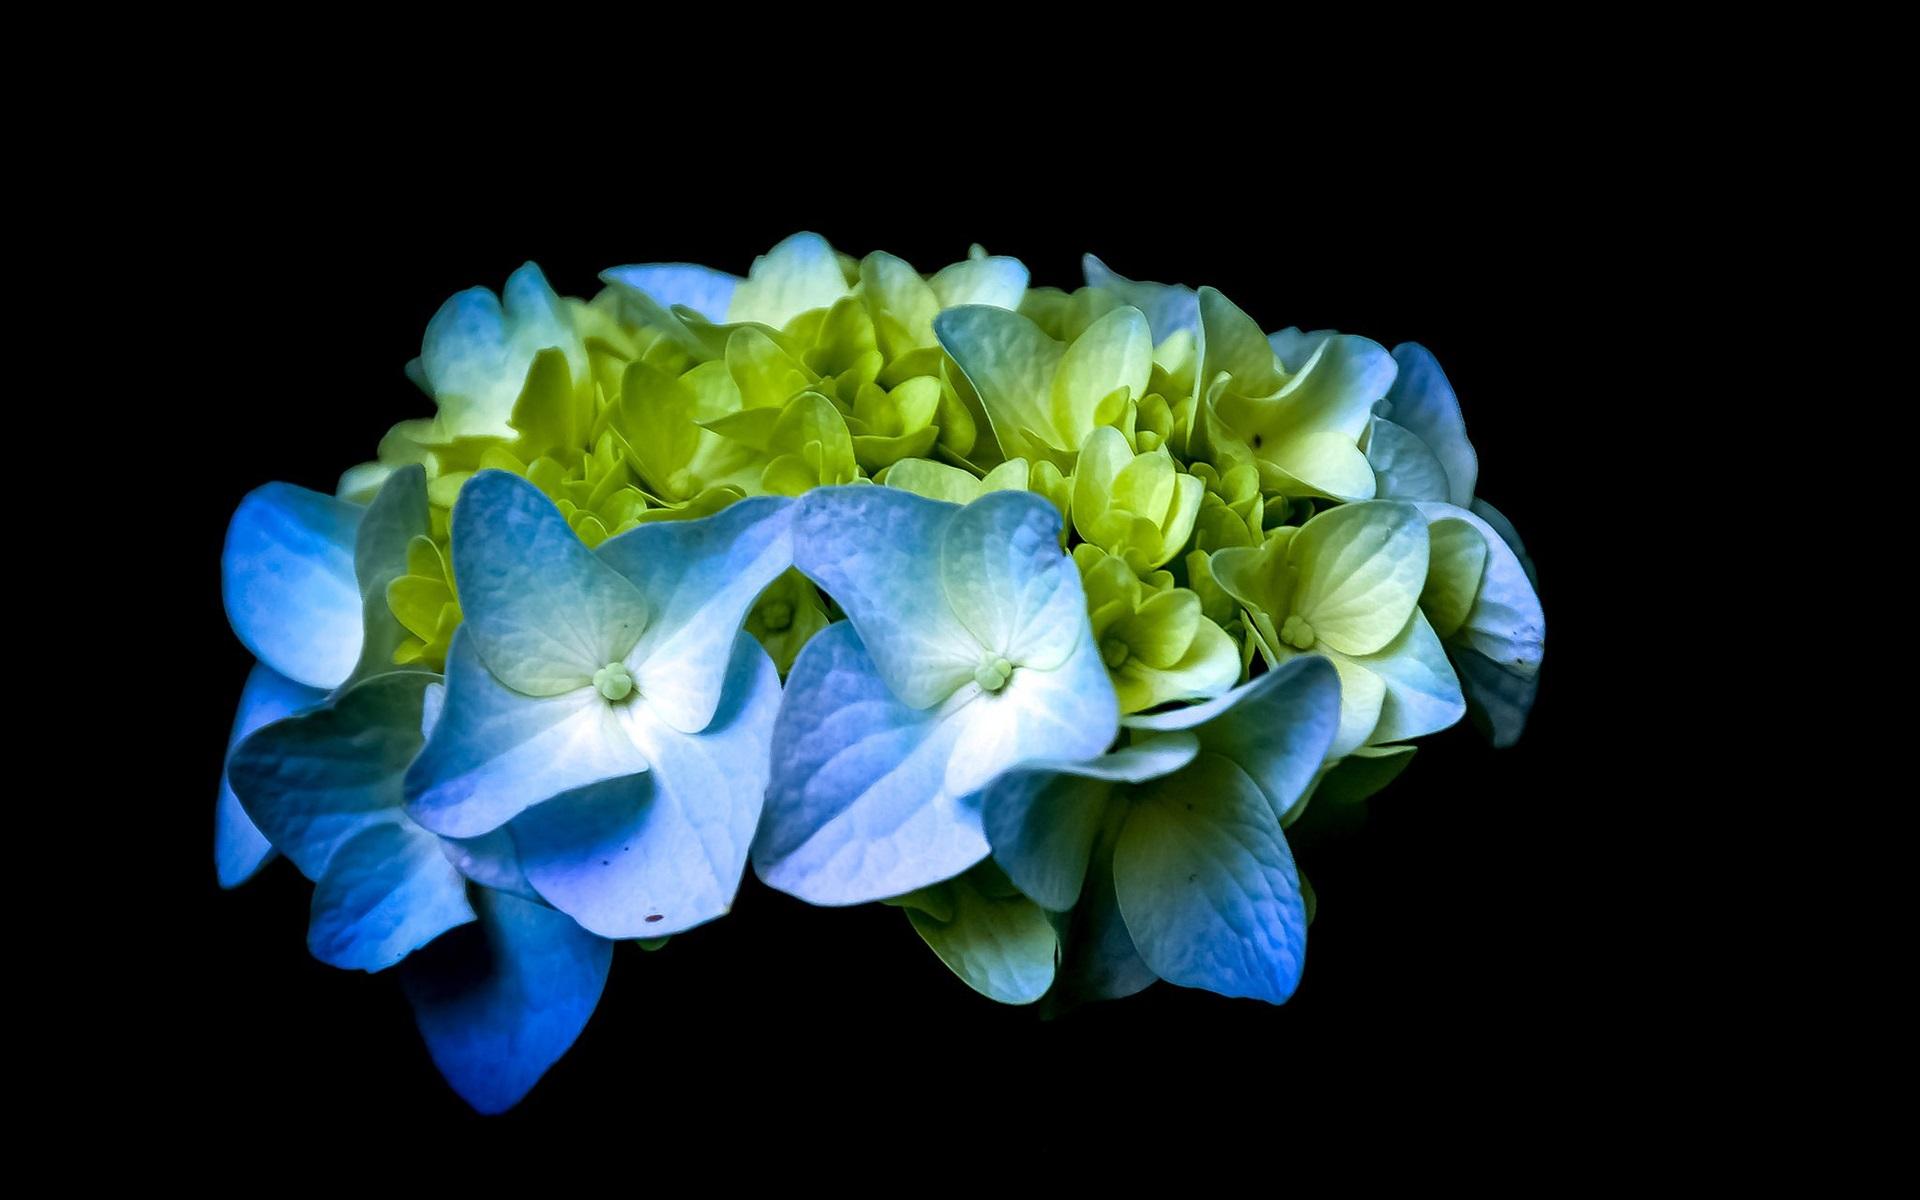 桌布藍色和綠色的紫陽花 黑色的背景1920x1200 Hd 高清桌布 圖片 照片